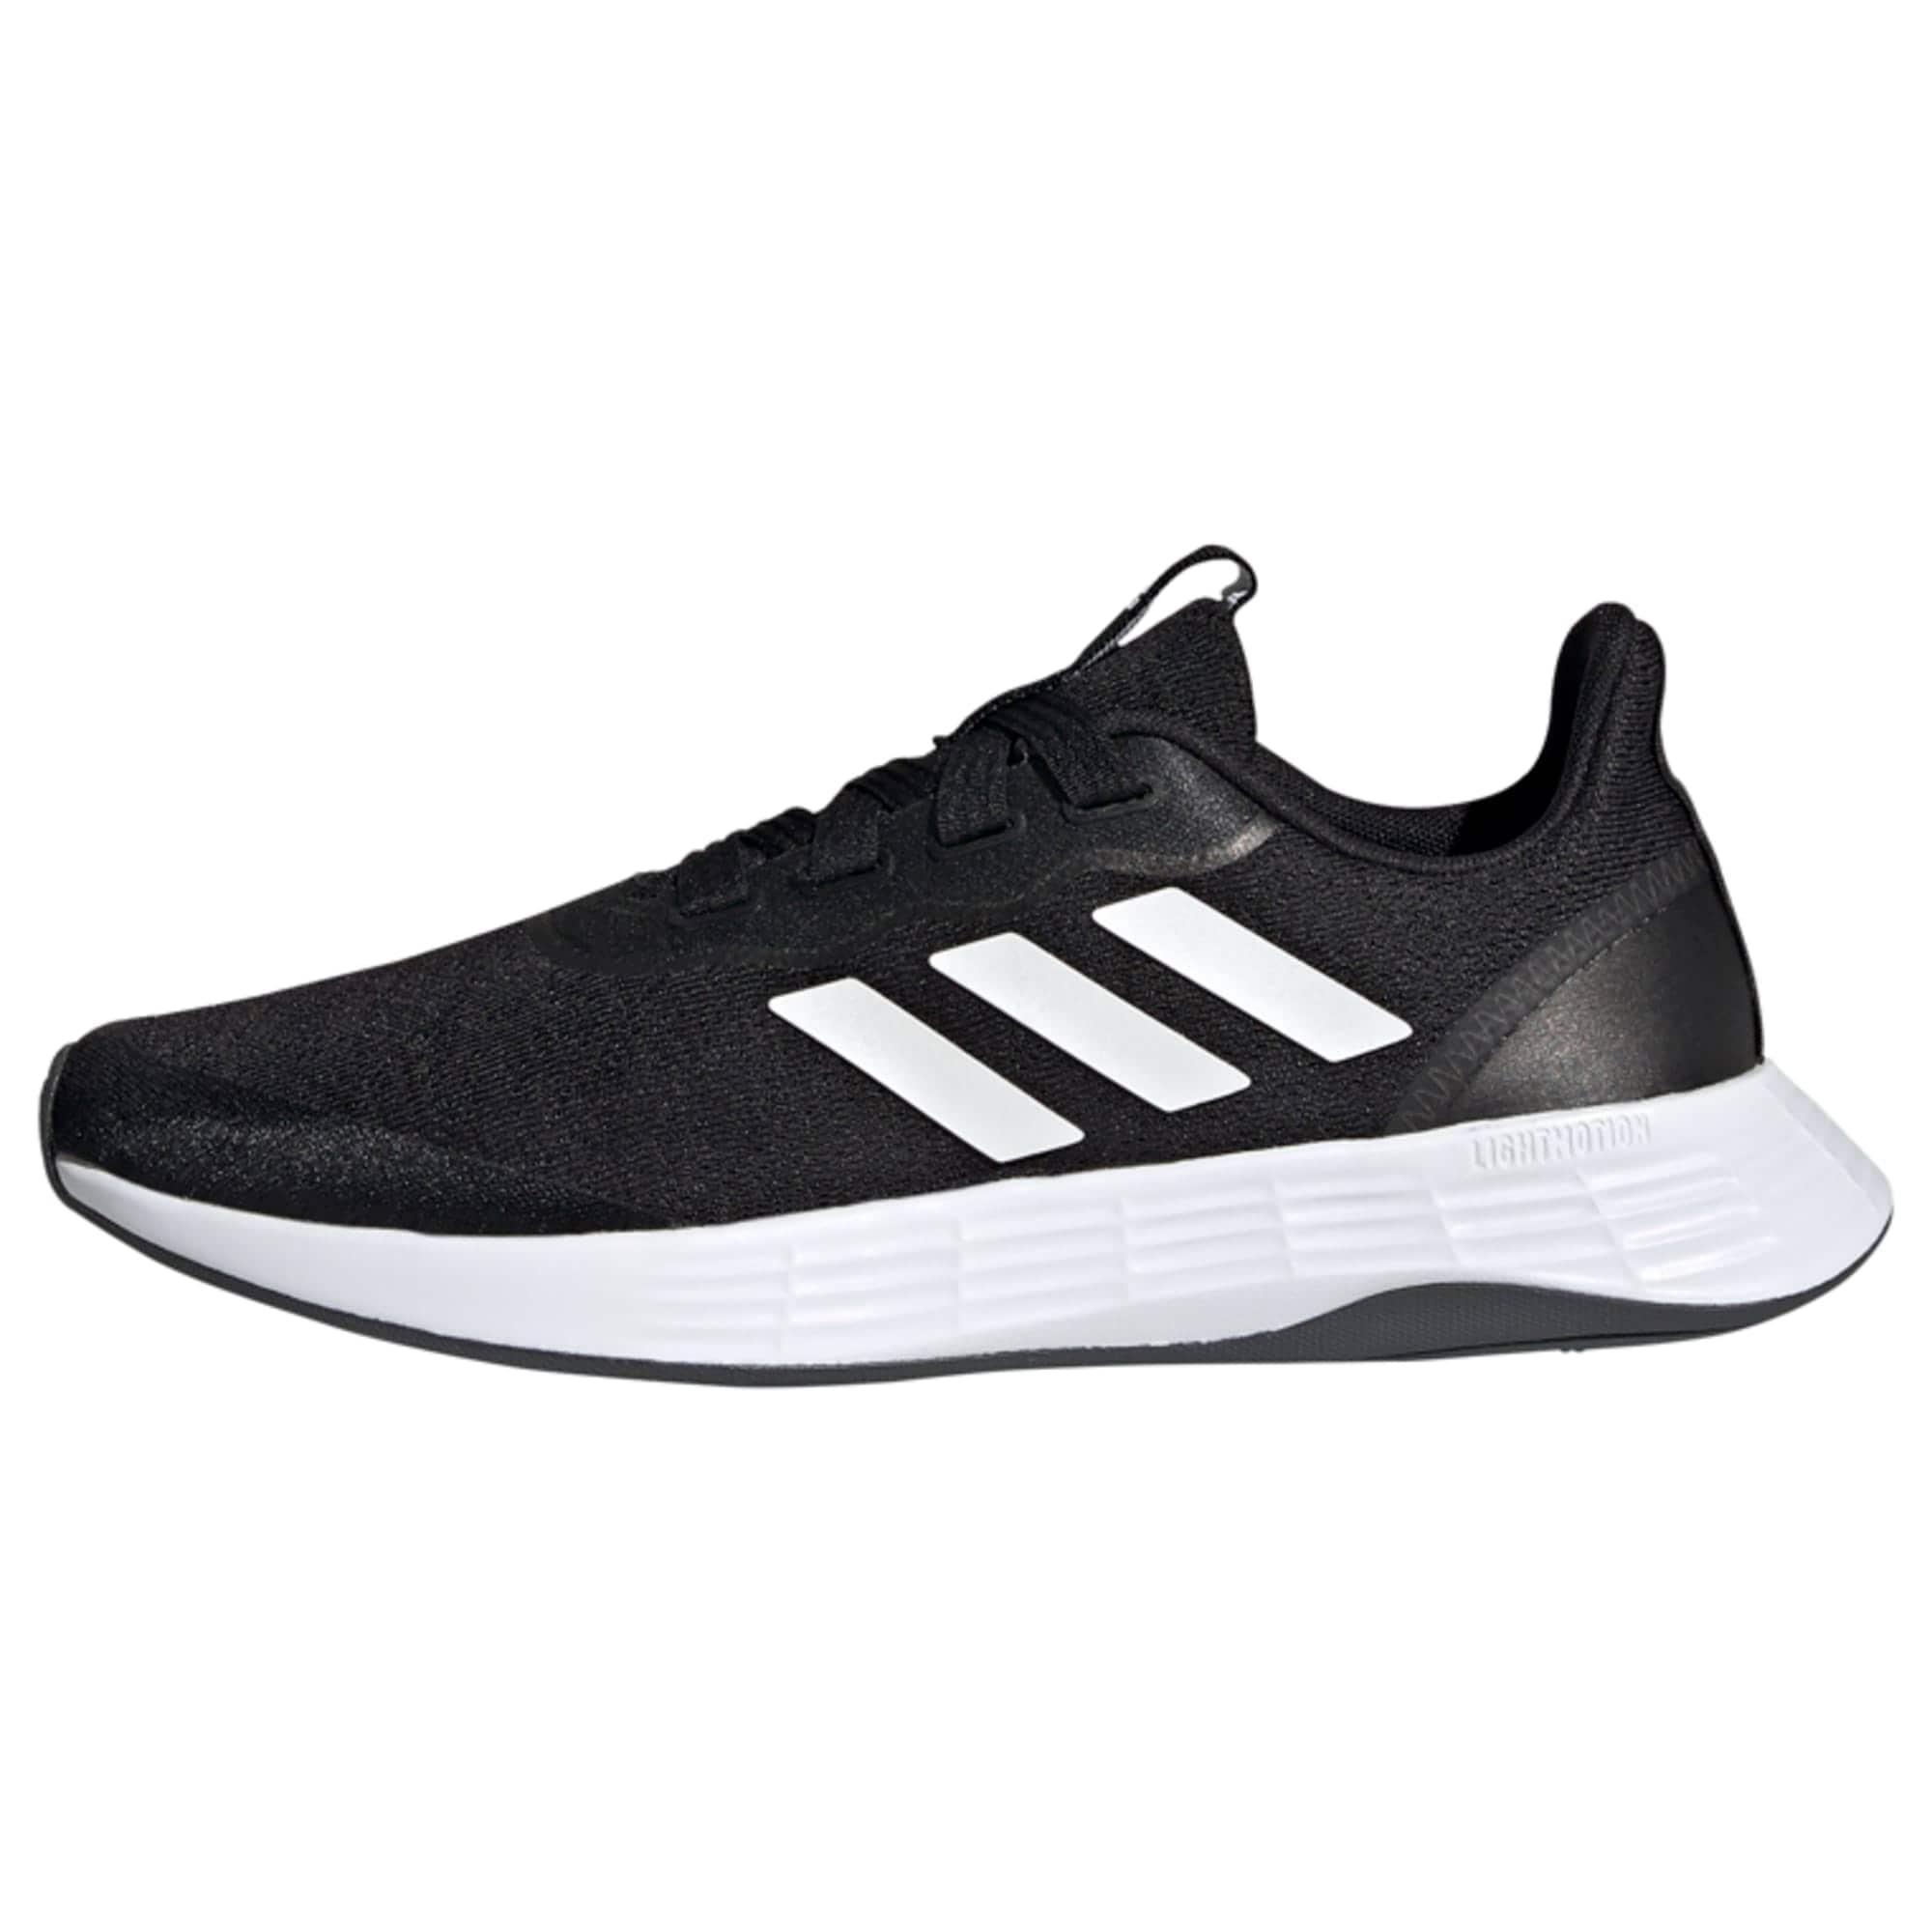 ADIDAS PERFORMANCE Chaussure de course  - Noir - Taille: 4 - female